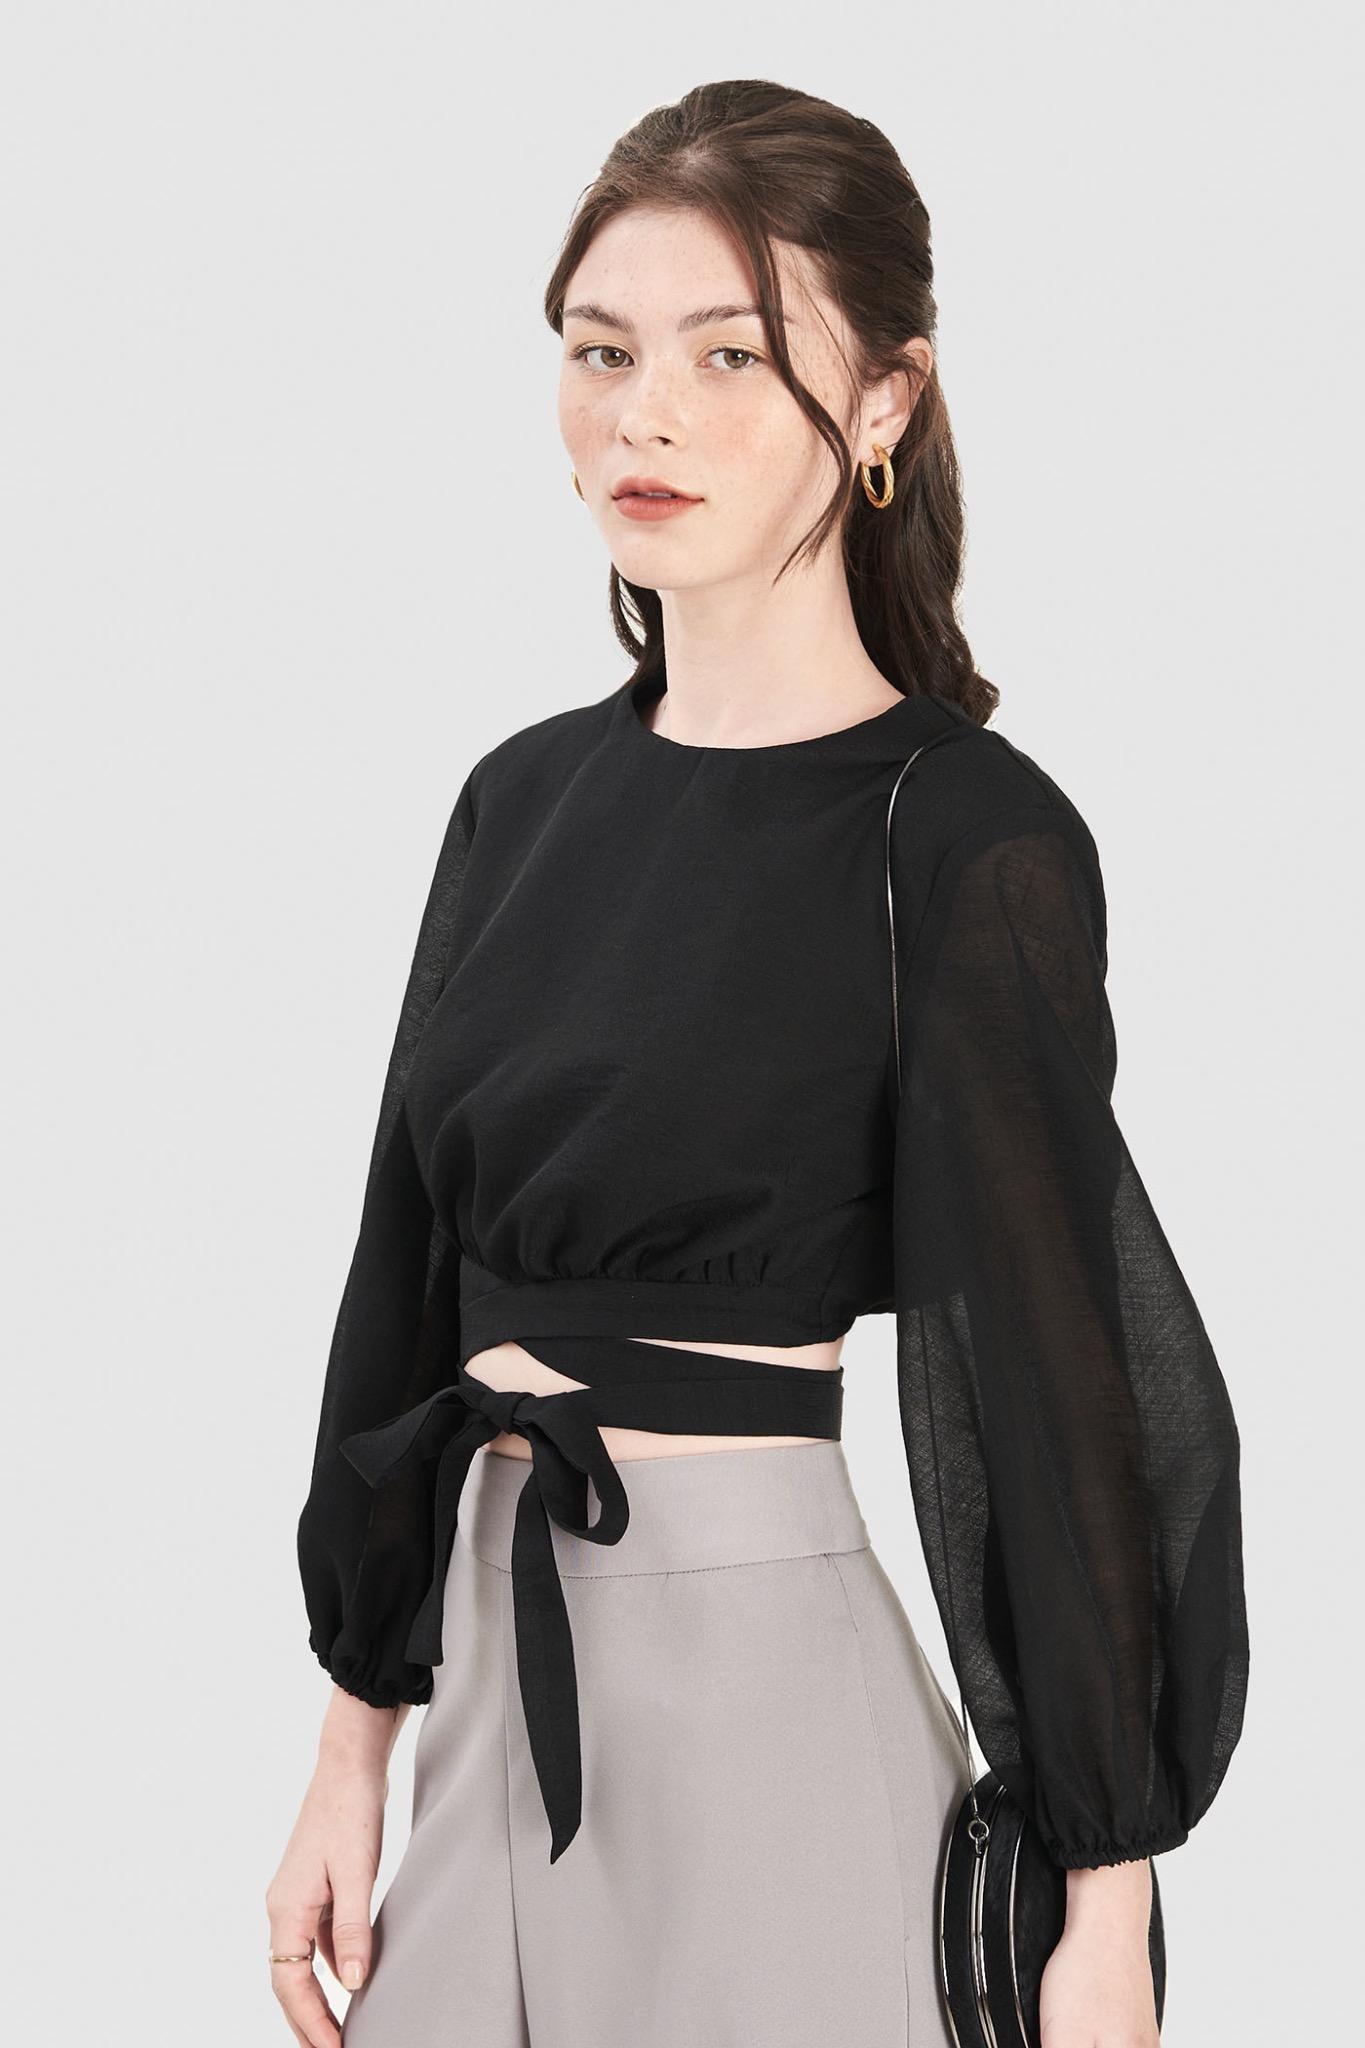 Áo kiểu crop tay dài phồng thắt dây eo